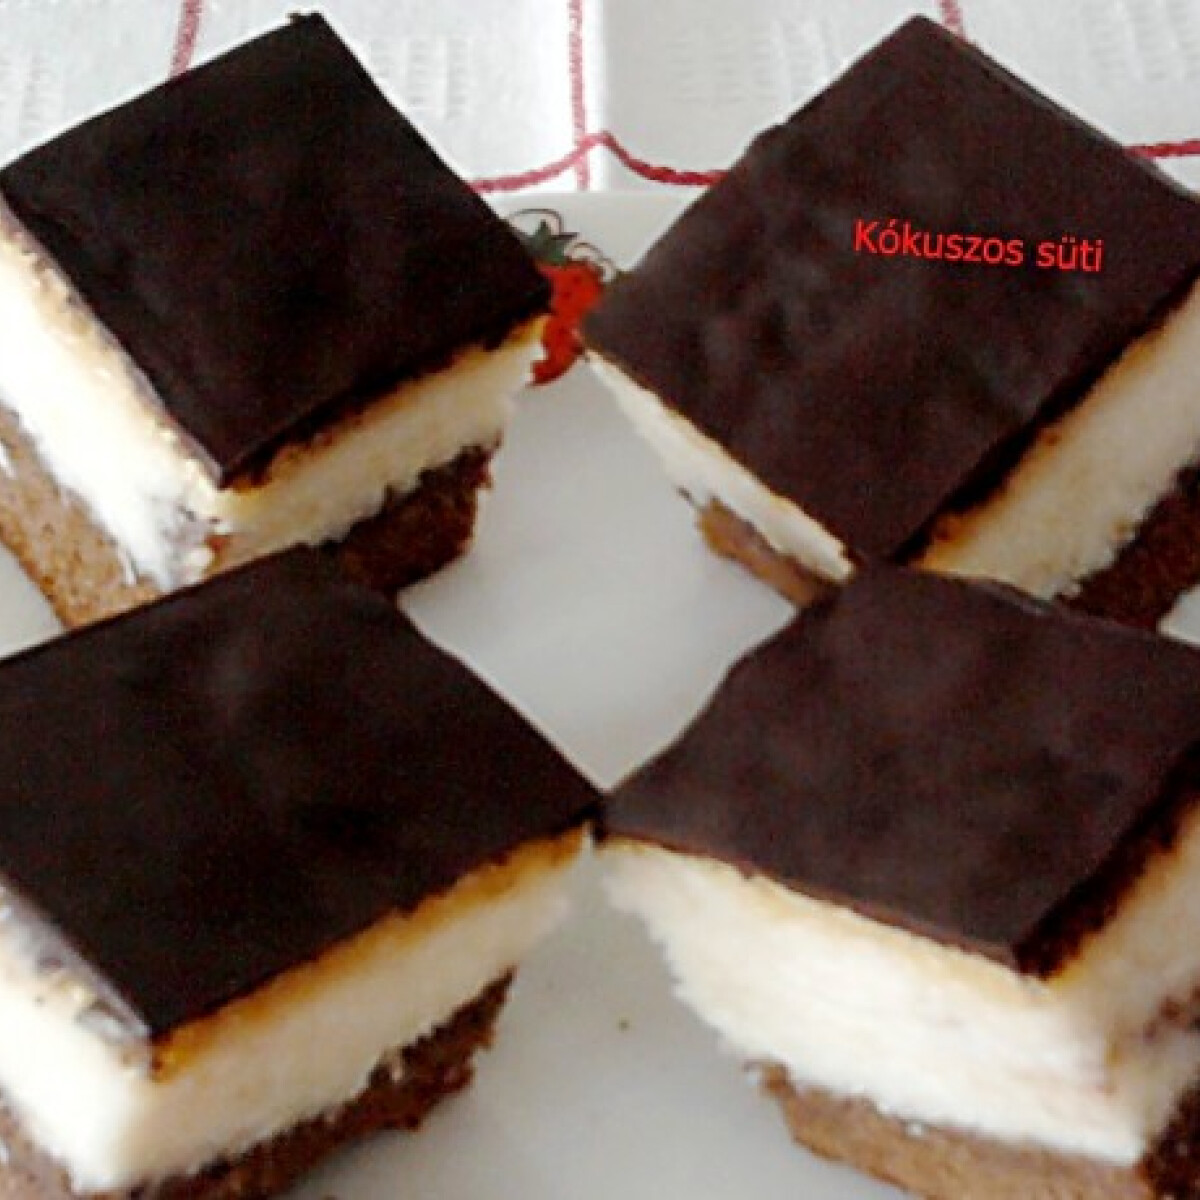 Ezen a képen: Kókuszos süti Erzsi konyhájából